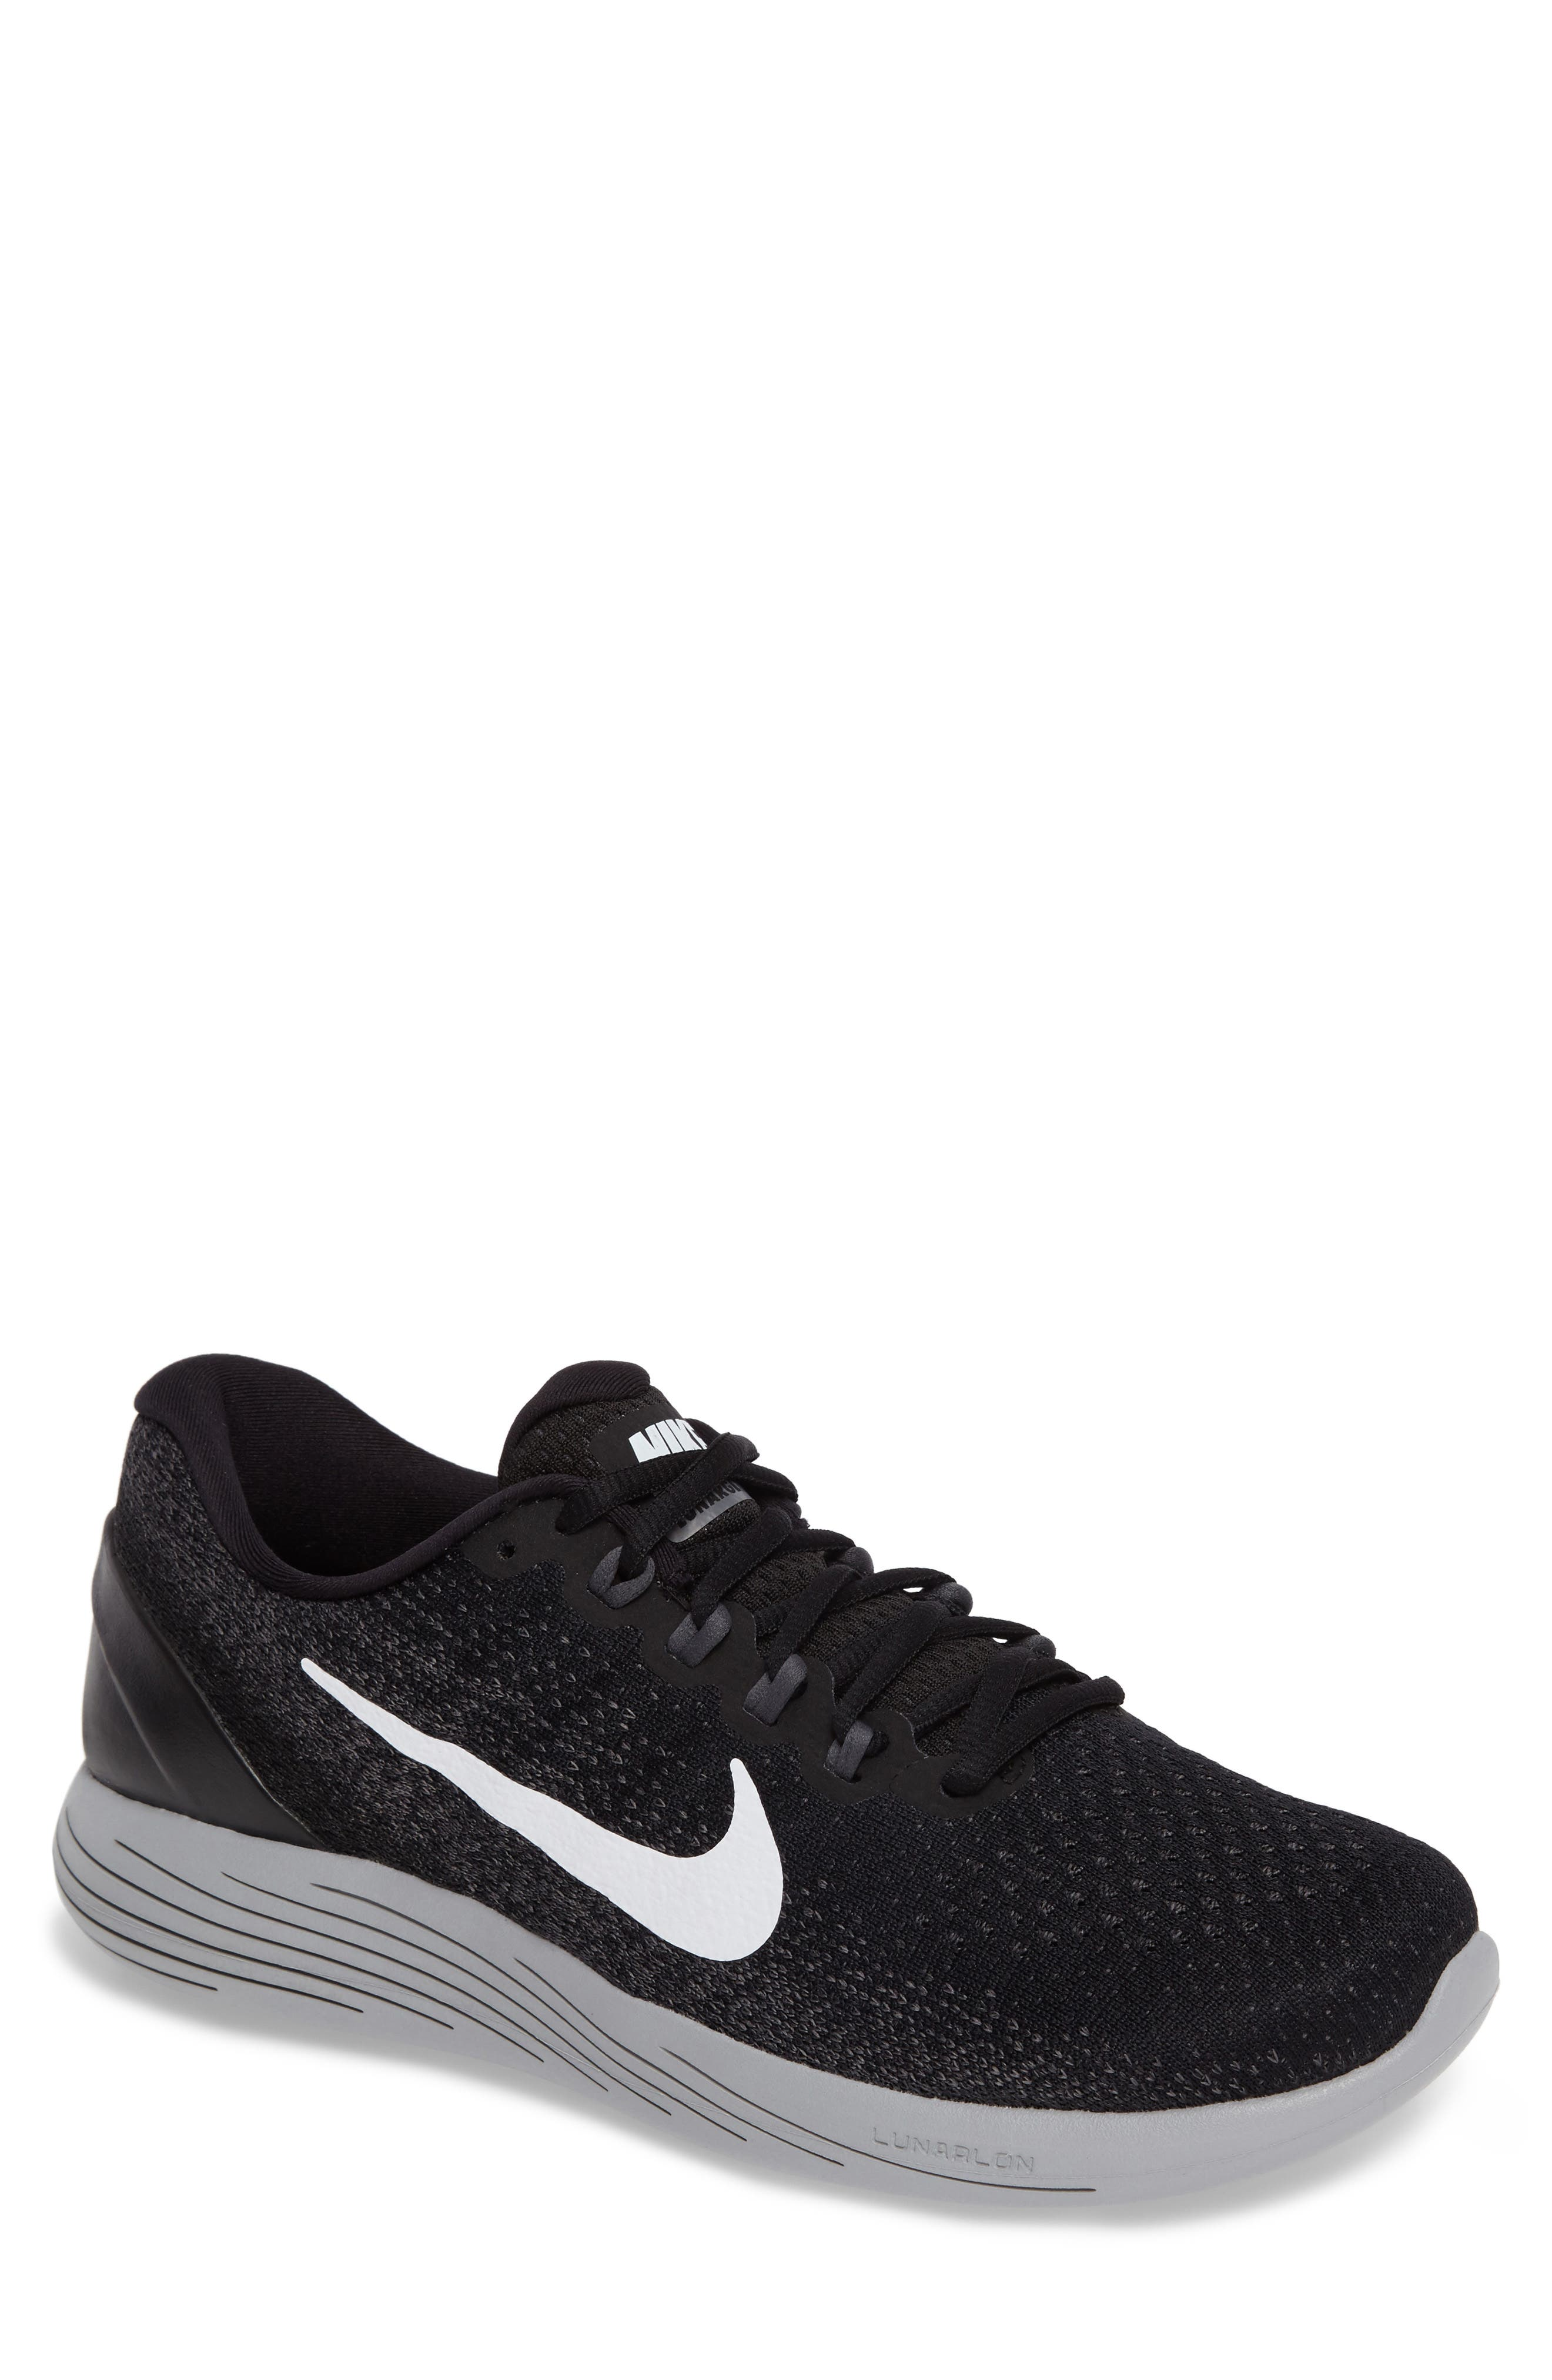 Alternate Image 1 Selected - Nike LunarGlide 9 Running Shoe (Men)